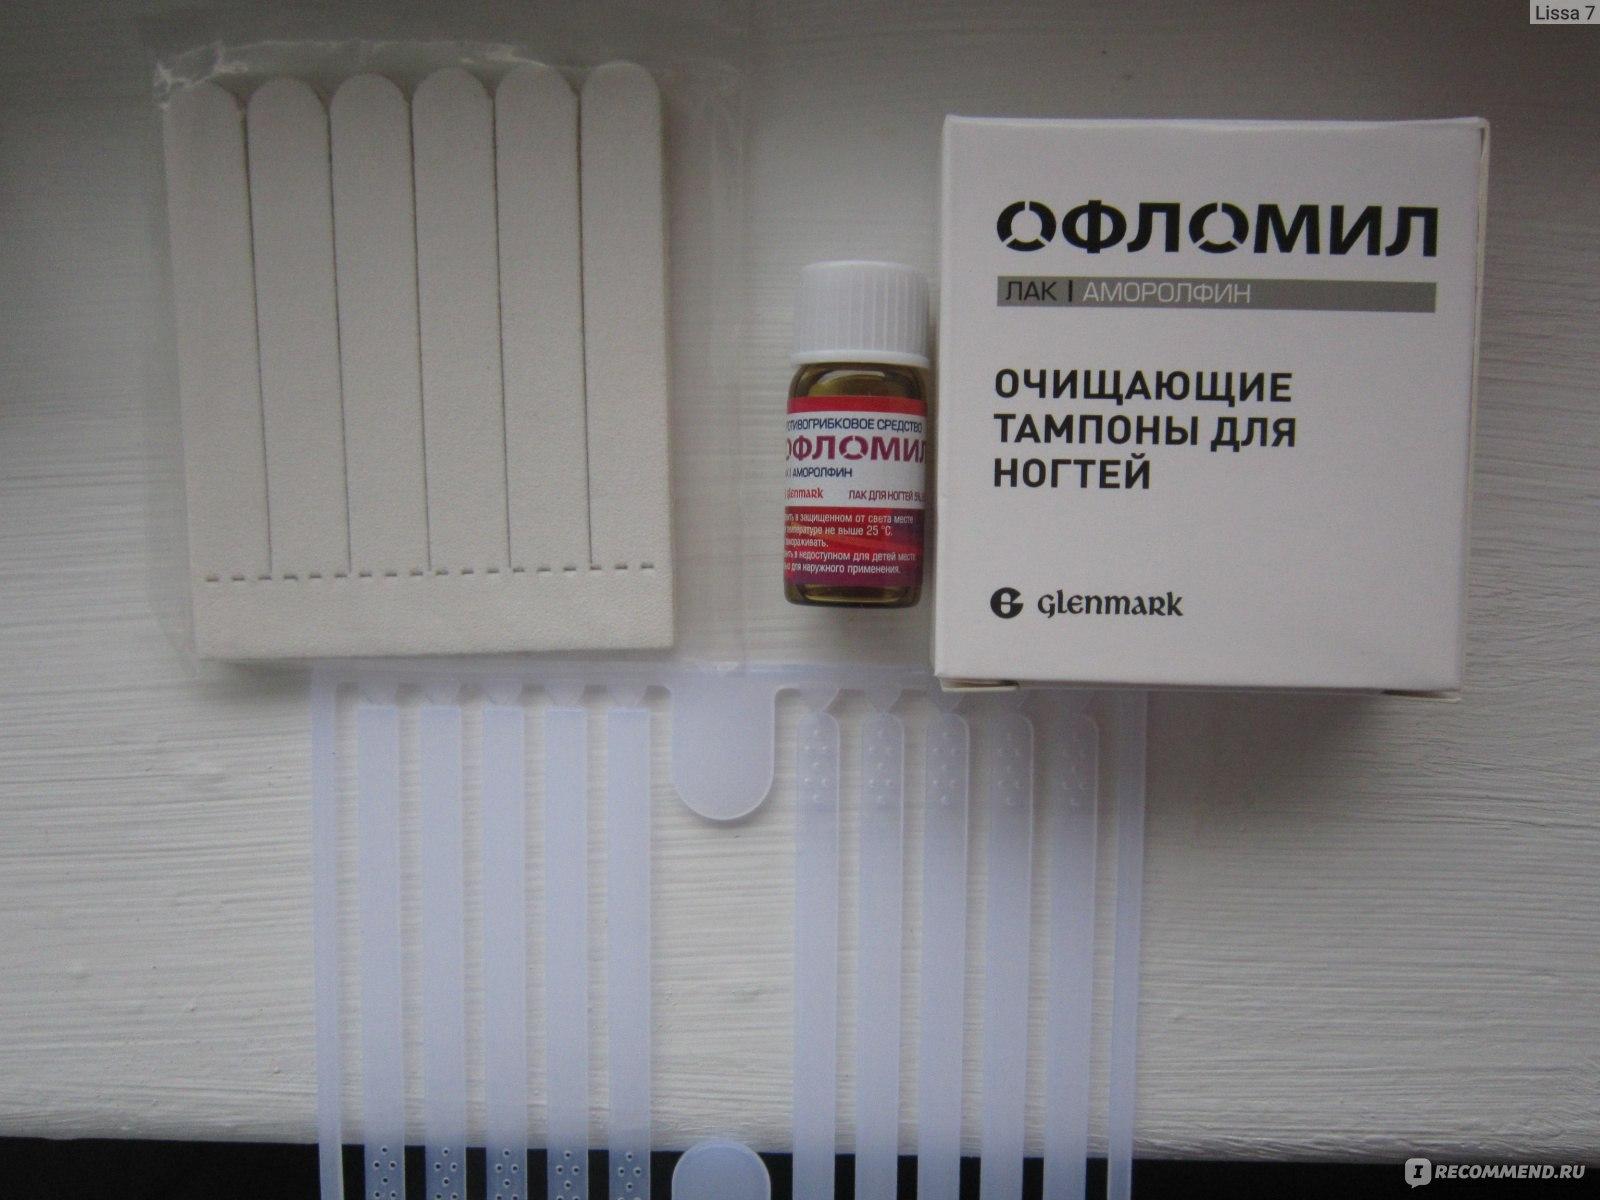 Аморолфин для лечения грибка ногтей: цены, отзывы, аналоги